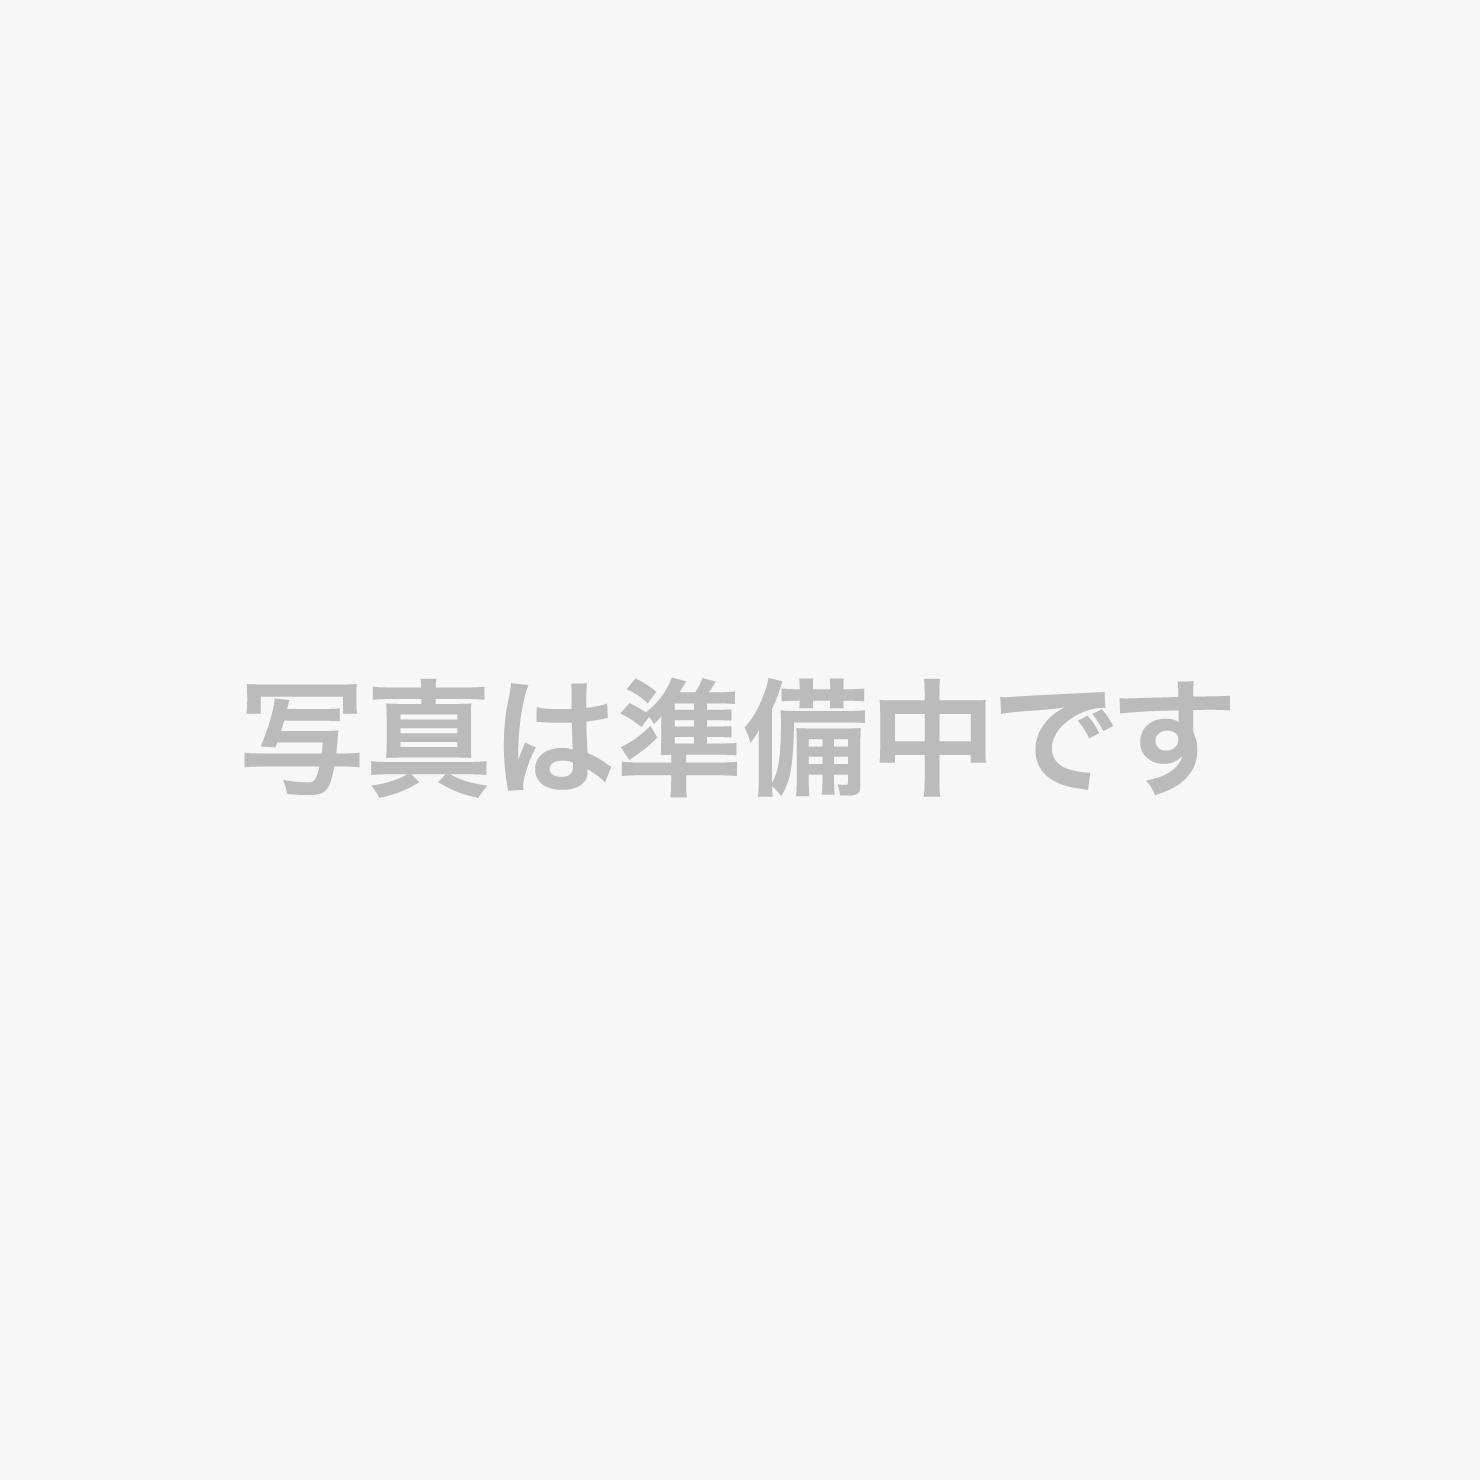 """【エグゼクティブハウス 禅】最高級の超長綿である「ピマ綿」の中でも厳撰された「スーピマ綿」を使用し、世界一の技術で仕上げたまさに""""Made in Japan"""""""